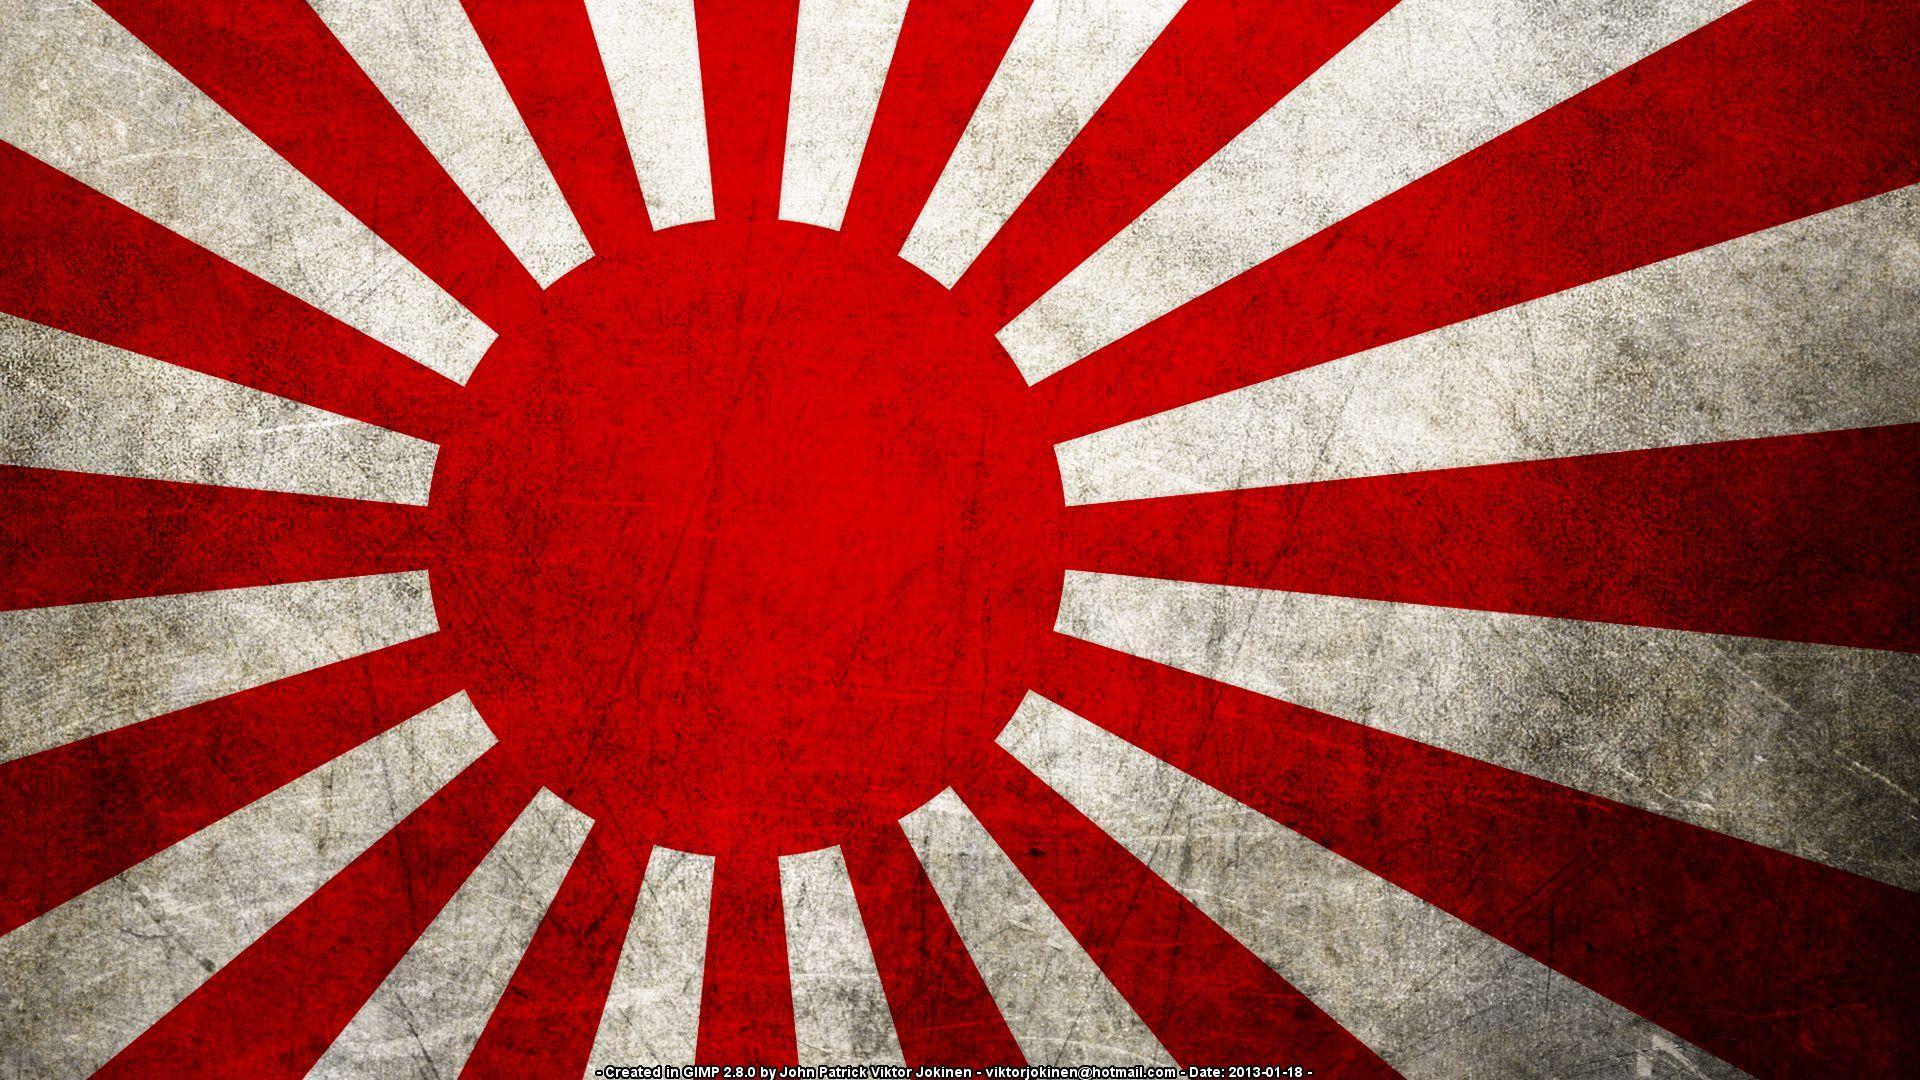 1920x1080 Japan Rising Sun Flag Hình nền HD